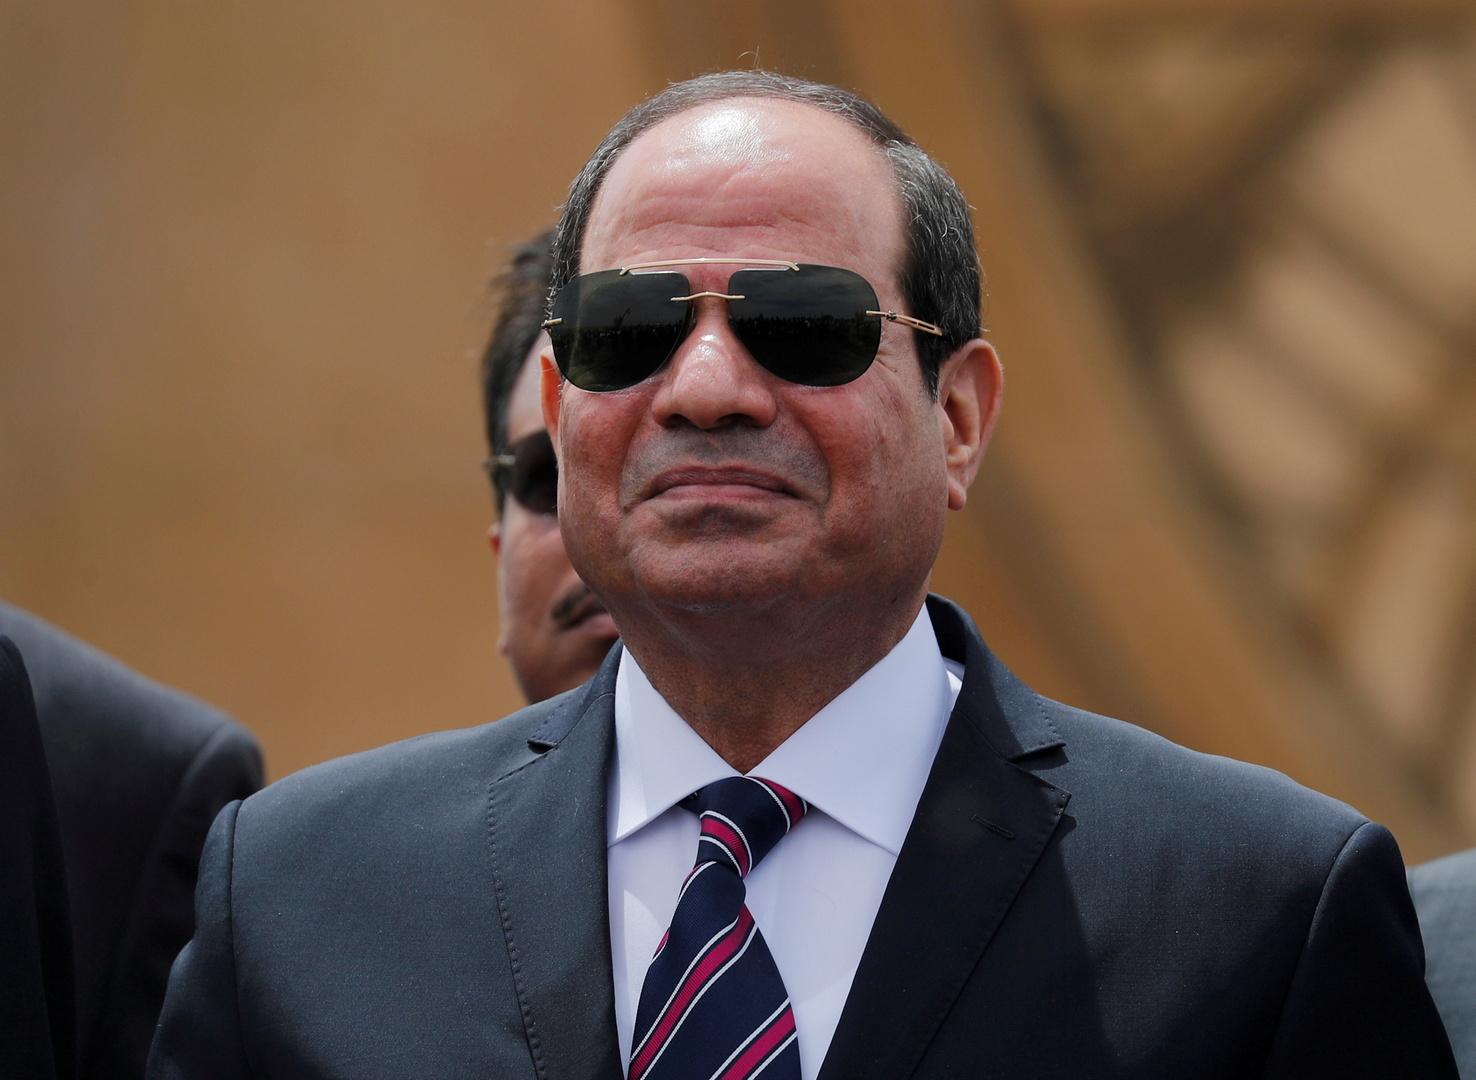 في ذكرى ثورة يوليو.. السيسي يوجه التحية والتقدير إلى الزعيم الراحل جمال عبد الناصر